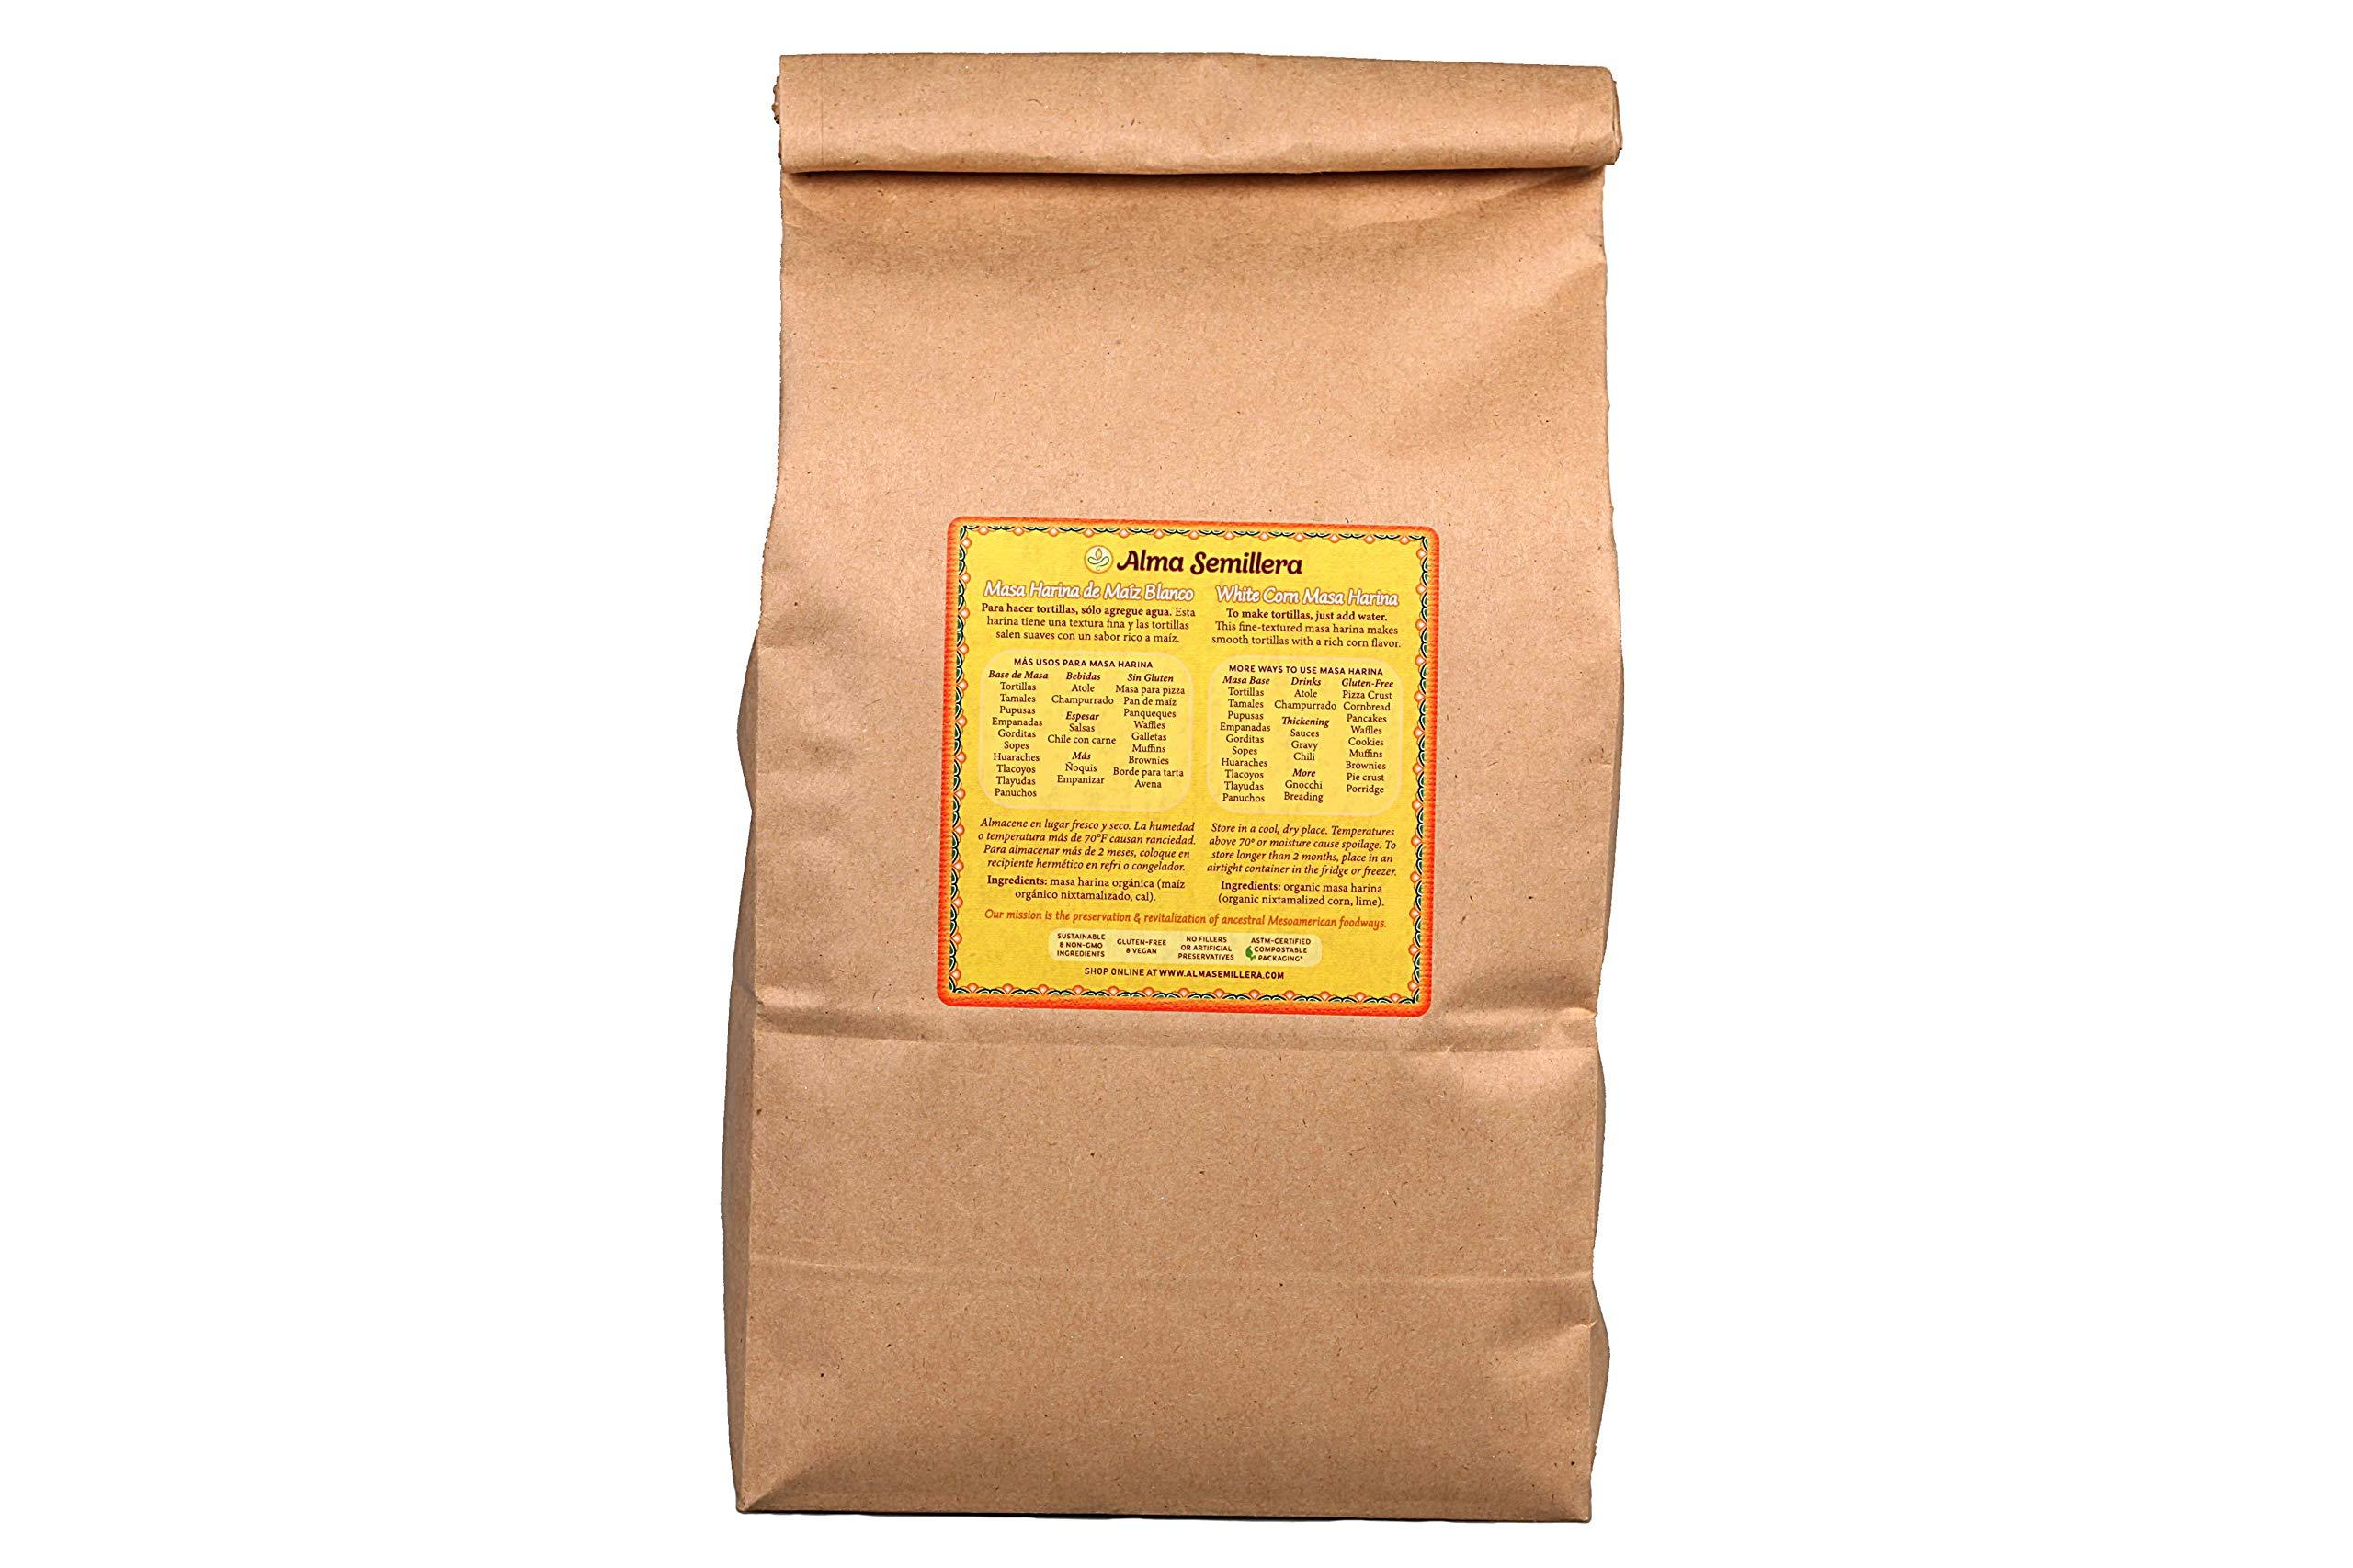 ALMA SEMILLERA White Corn Masa Harina - Non-GMO, Gluten Free, Vegan, Fine Texture (5lb)